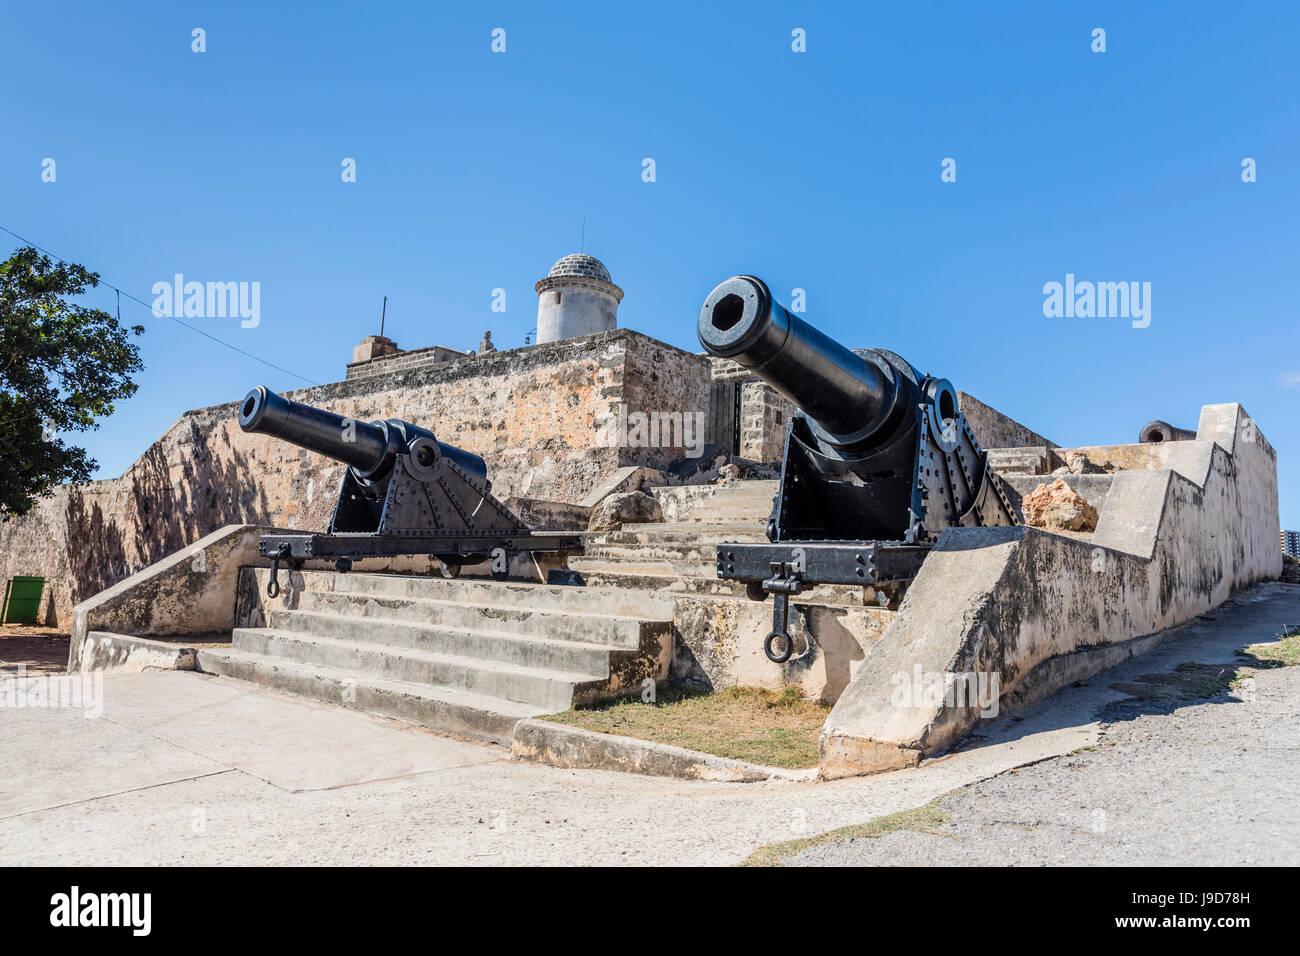 Das Castillo de Jagua Fort, errichtet im Jahre 1742 durch König Philipp v. von Spanien, in der Nähe von Stockbild